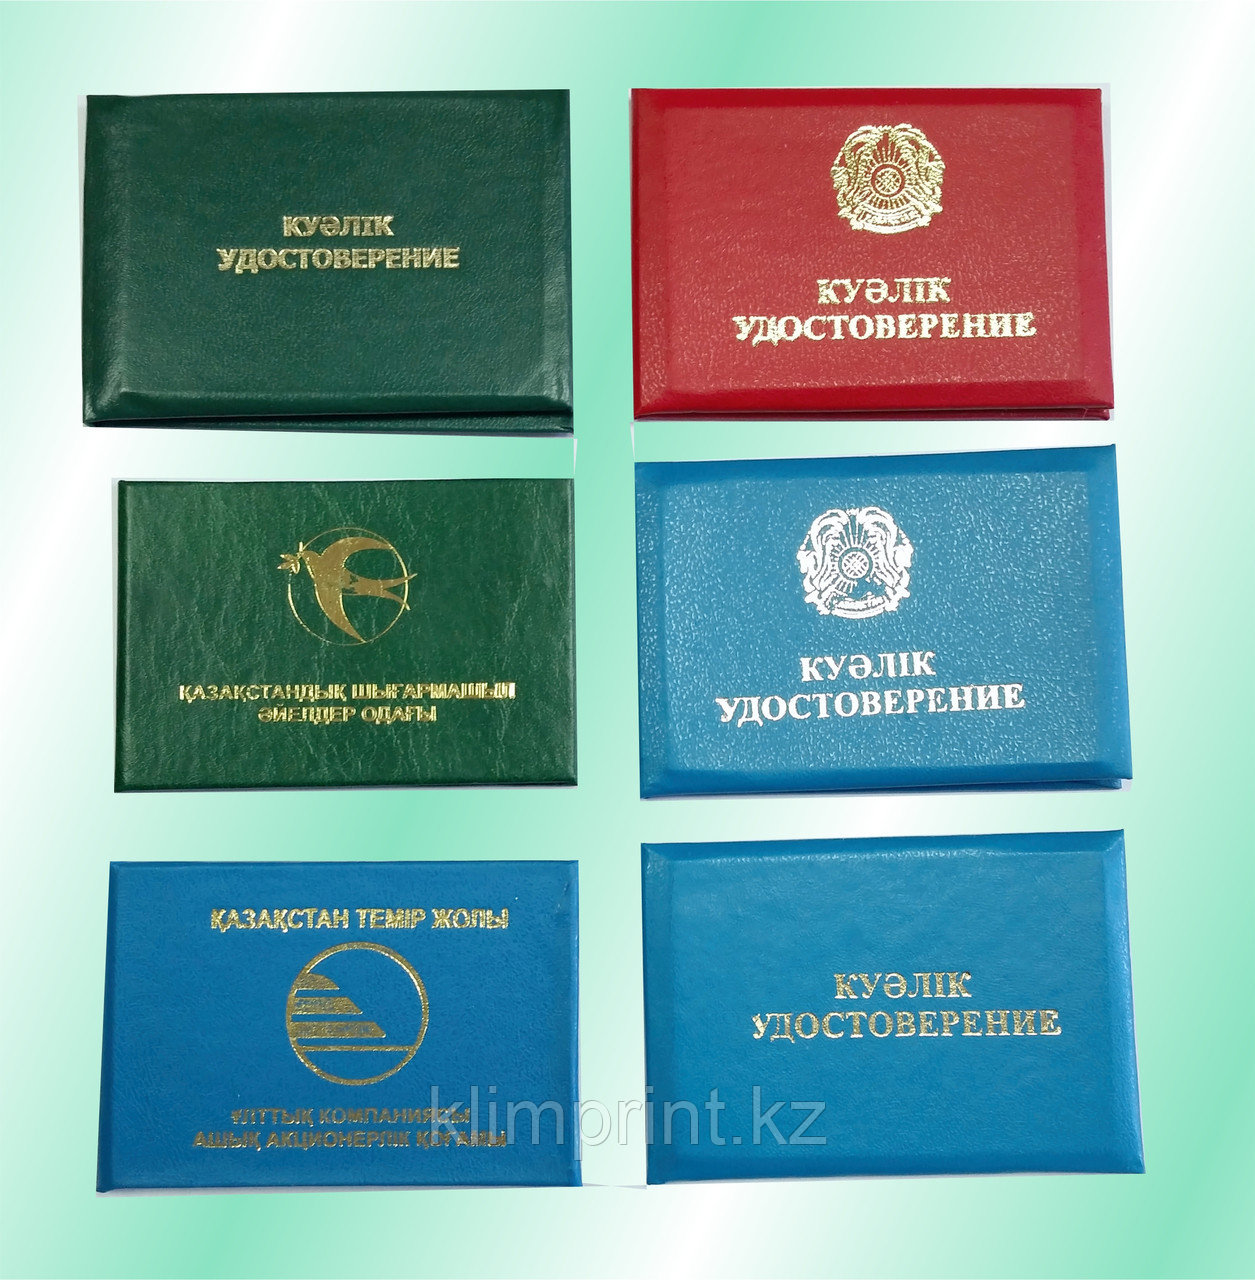 Служебные удостоверения в Алматы+под заказ